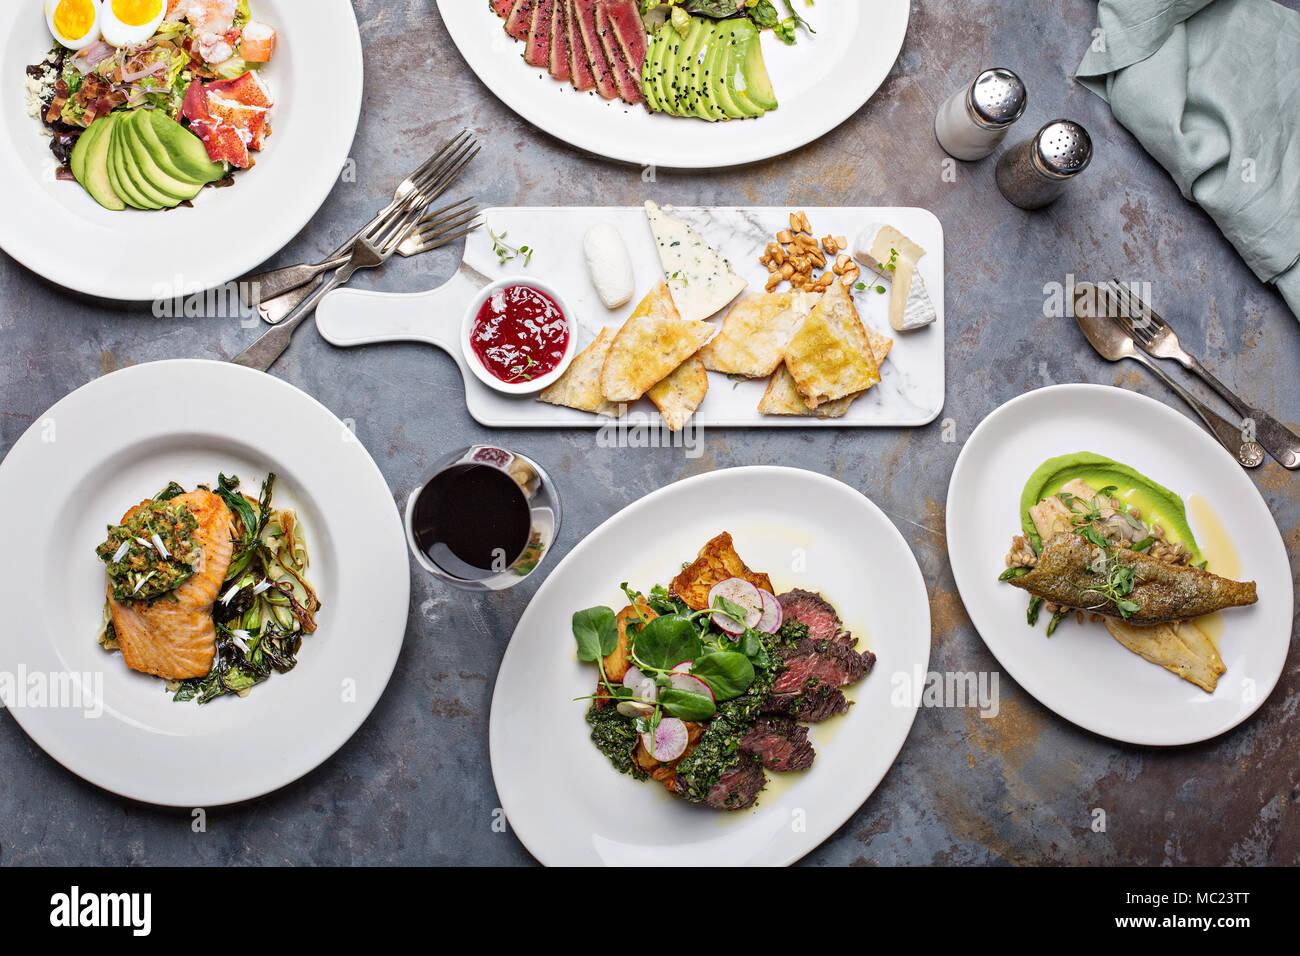 Grande table à manger Vue aérienne avec steaks et du poisson Photo Stock